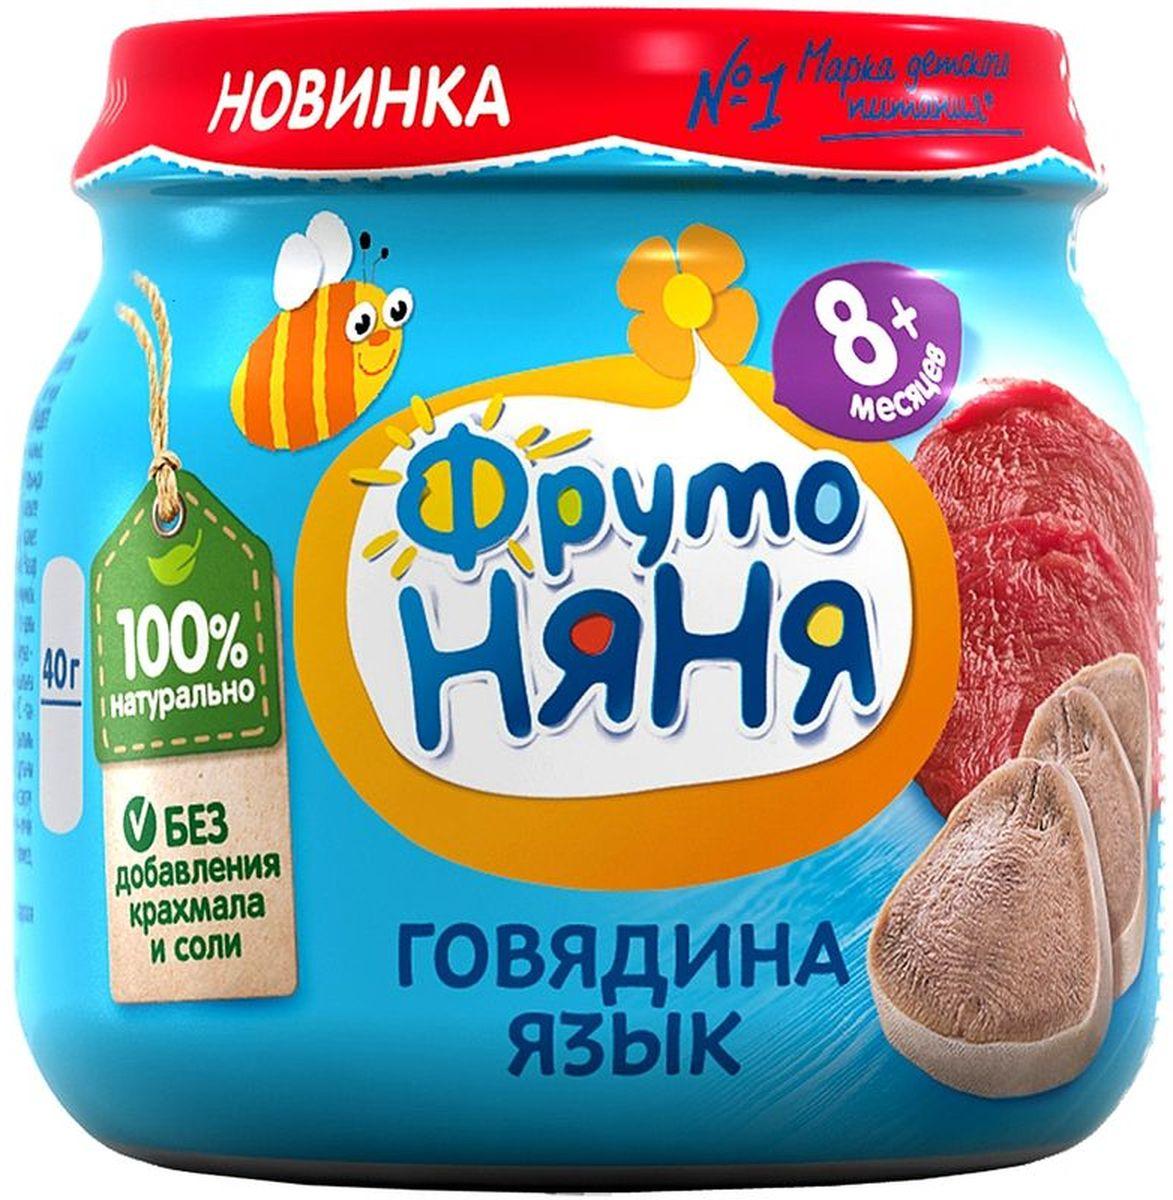 ФрутоНяня пюре говядина и язык с 6 месяцев, 80 г волшебница конфеты курага с миндалем в шоколаде 180 г